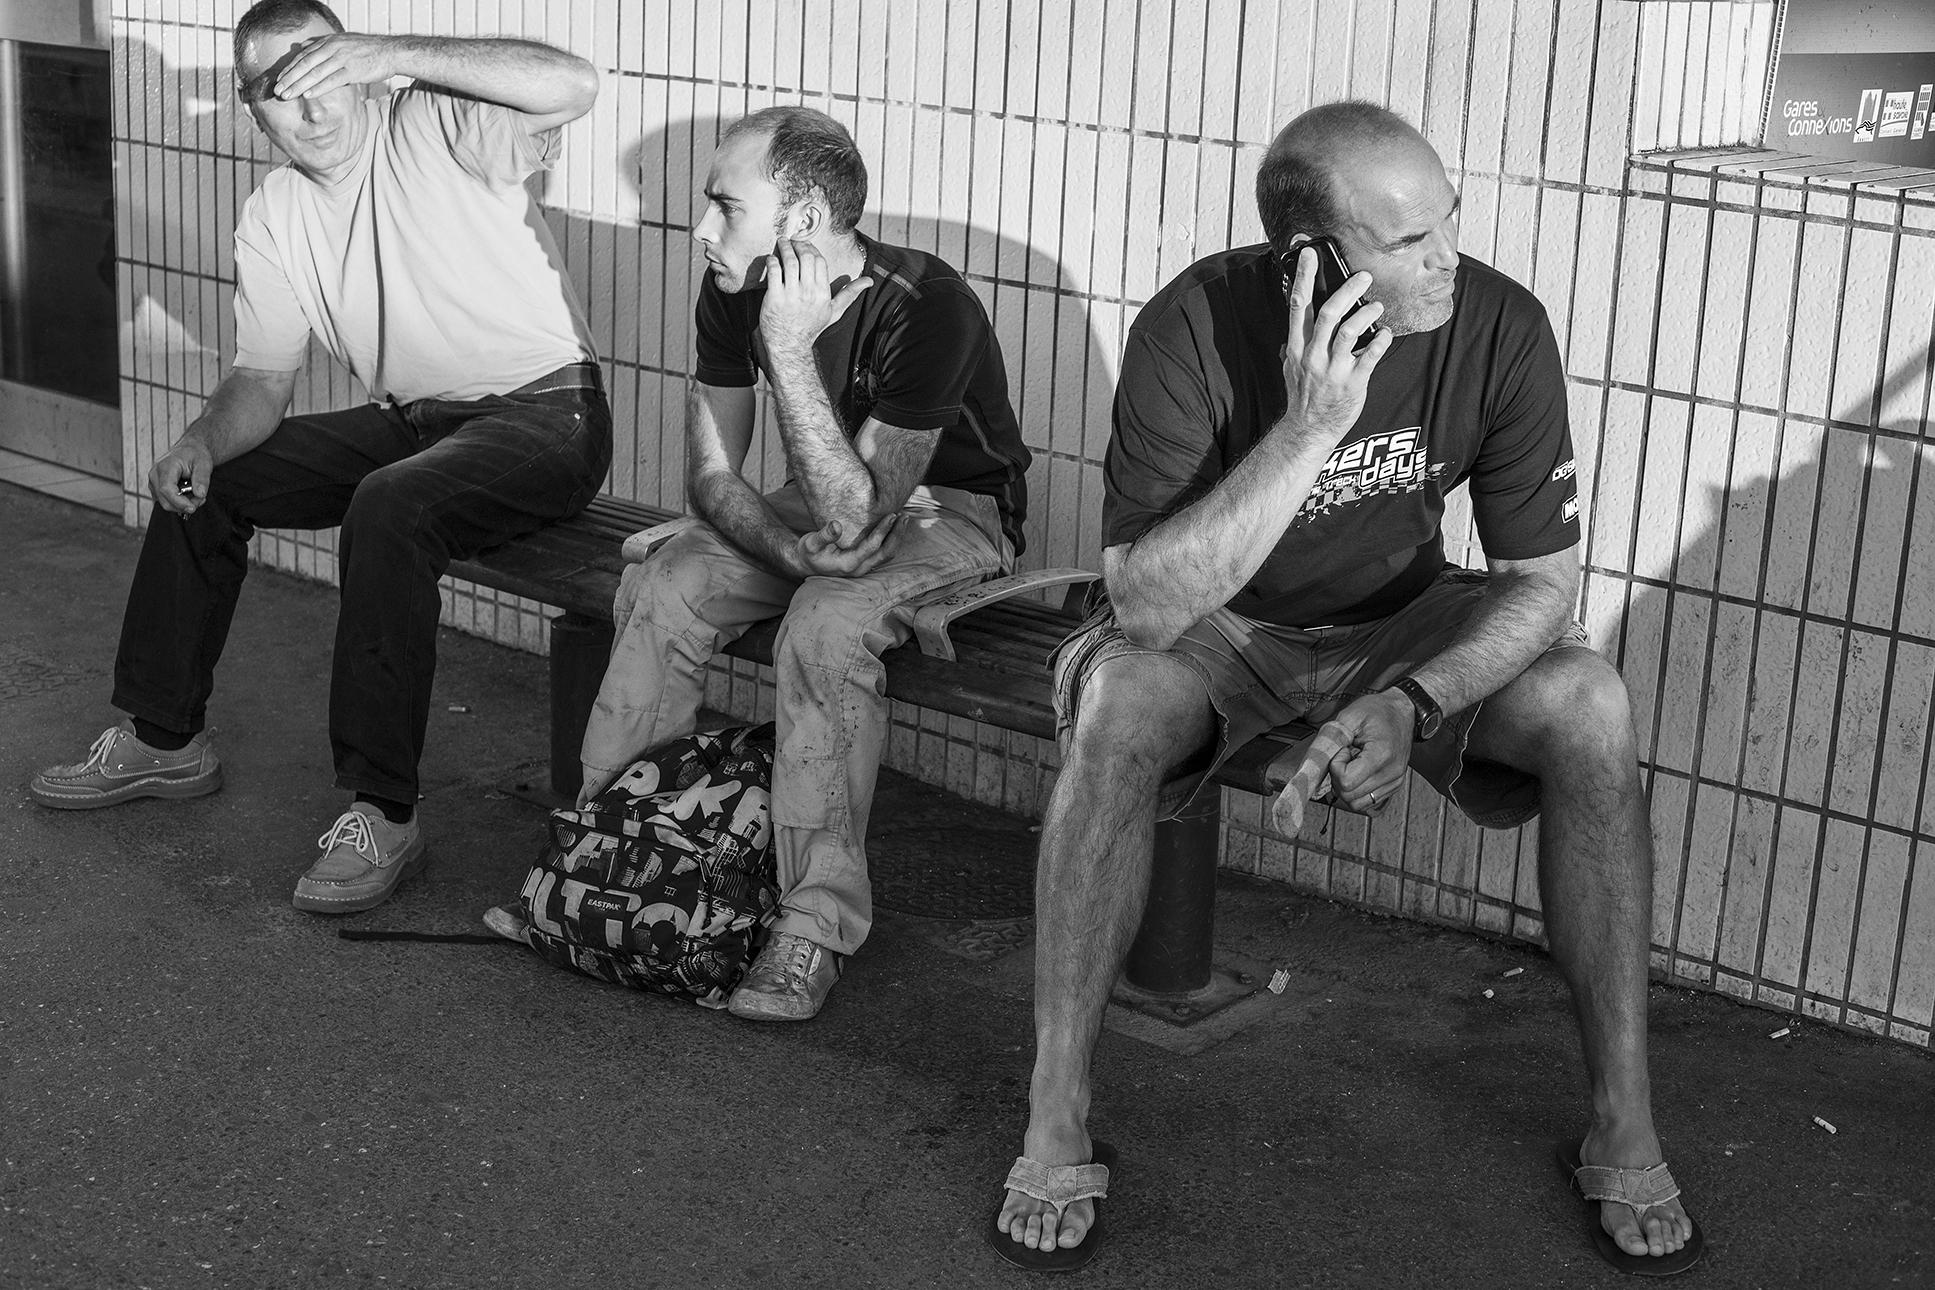 trio-quai-Annecy-septembre-2012.jpg